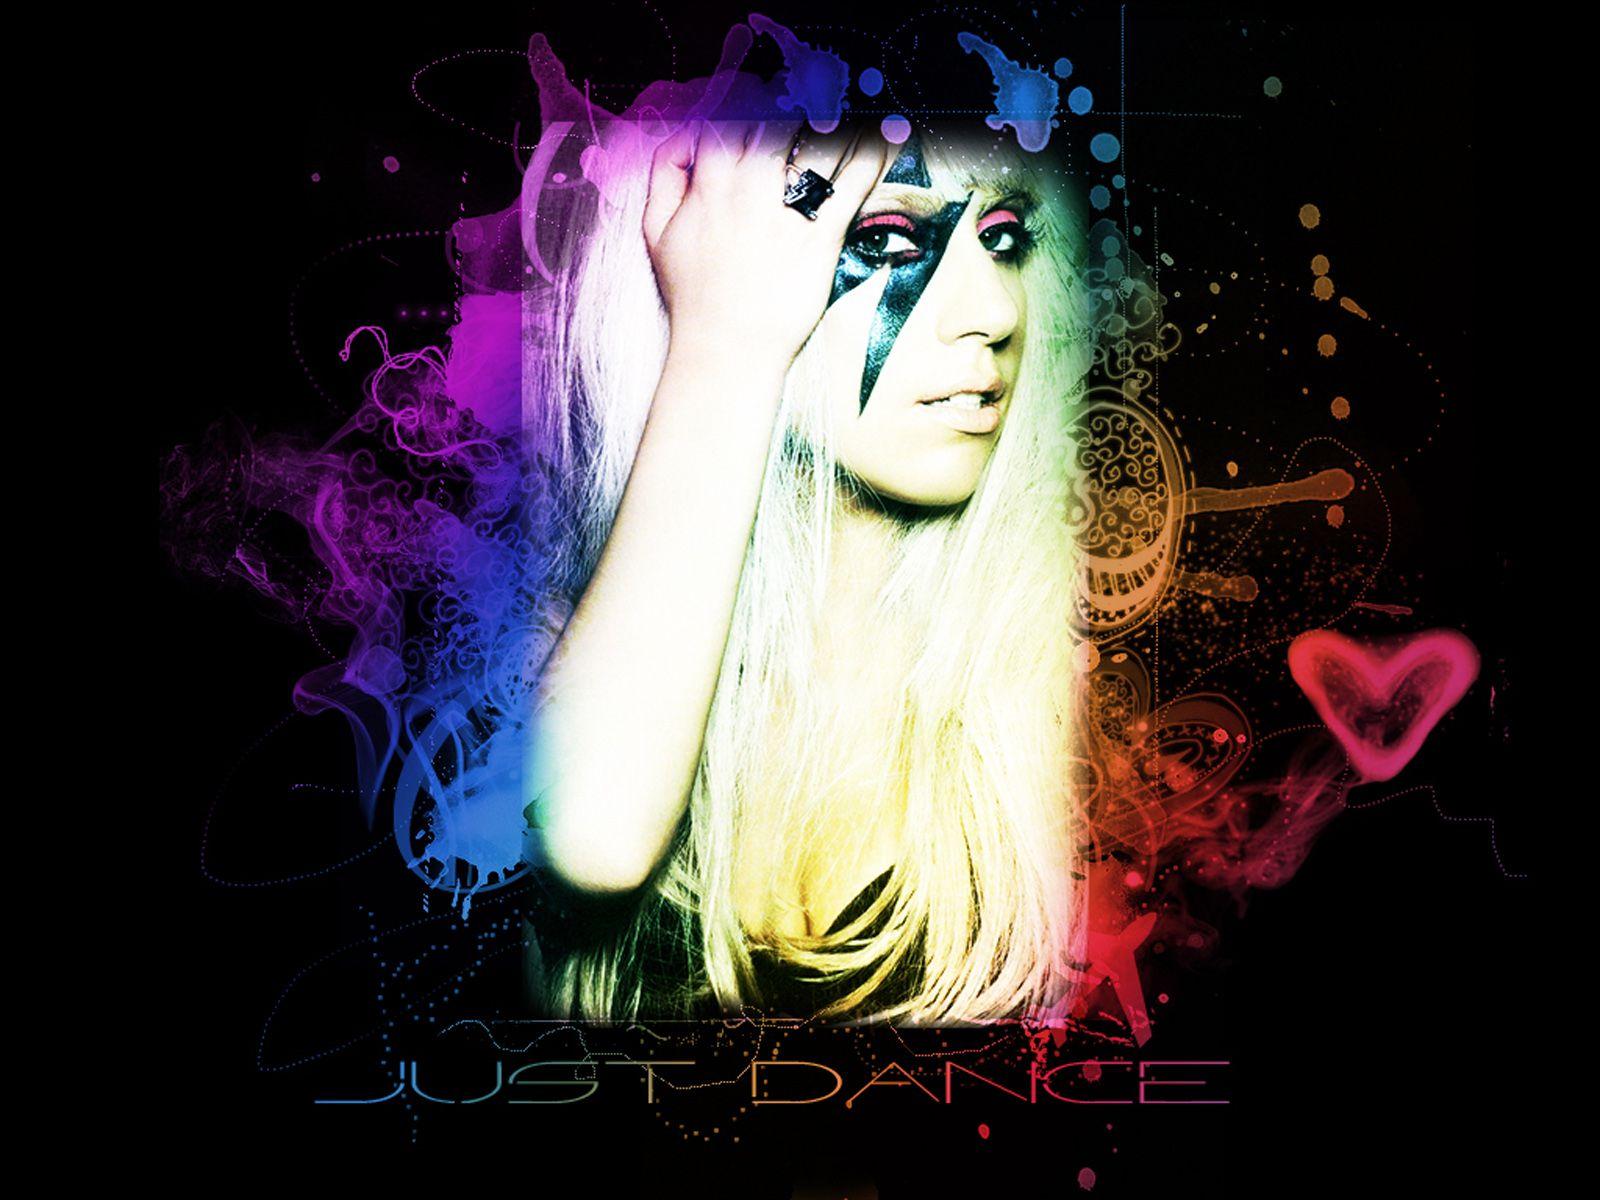 http://1.bp.blogspot.com/-XQz3HzRxQxo/T3tRYODyGDI/AAAAAAAAF5E/HrXbqetDS4Q/s1600/Lady_Gaga_Just_Dance_Eye_Tattoo_Design_Wallpaper-worldofshows.blogspot.com.jpg